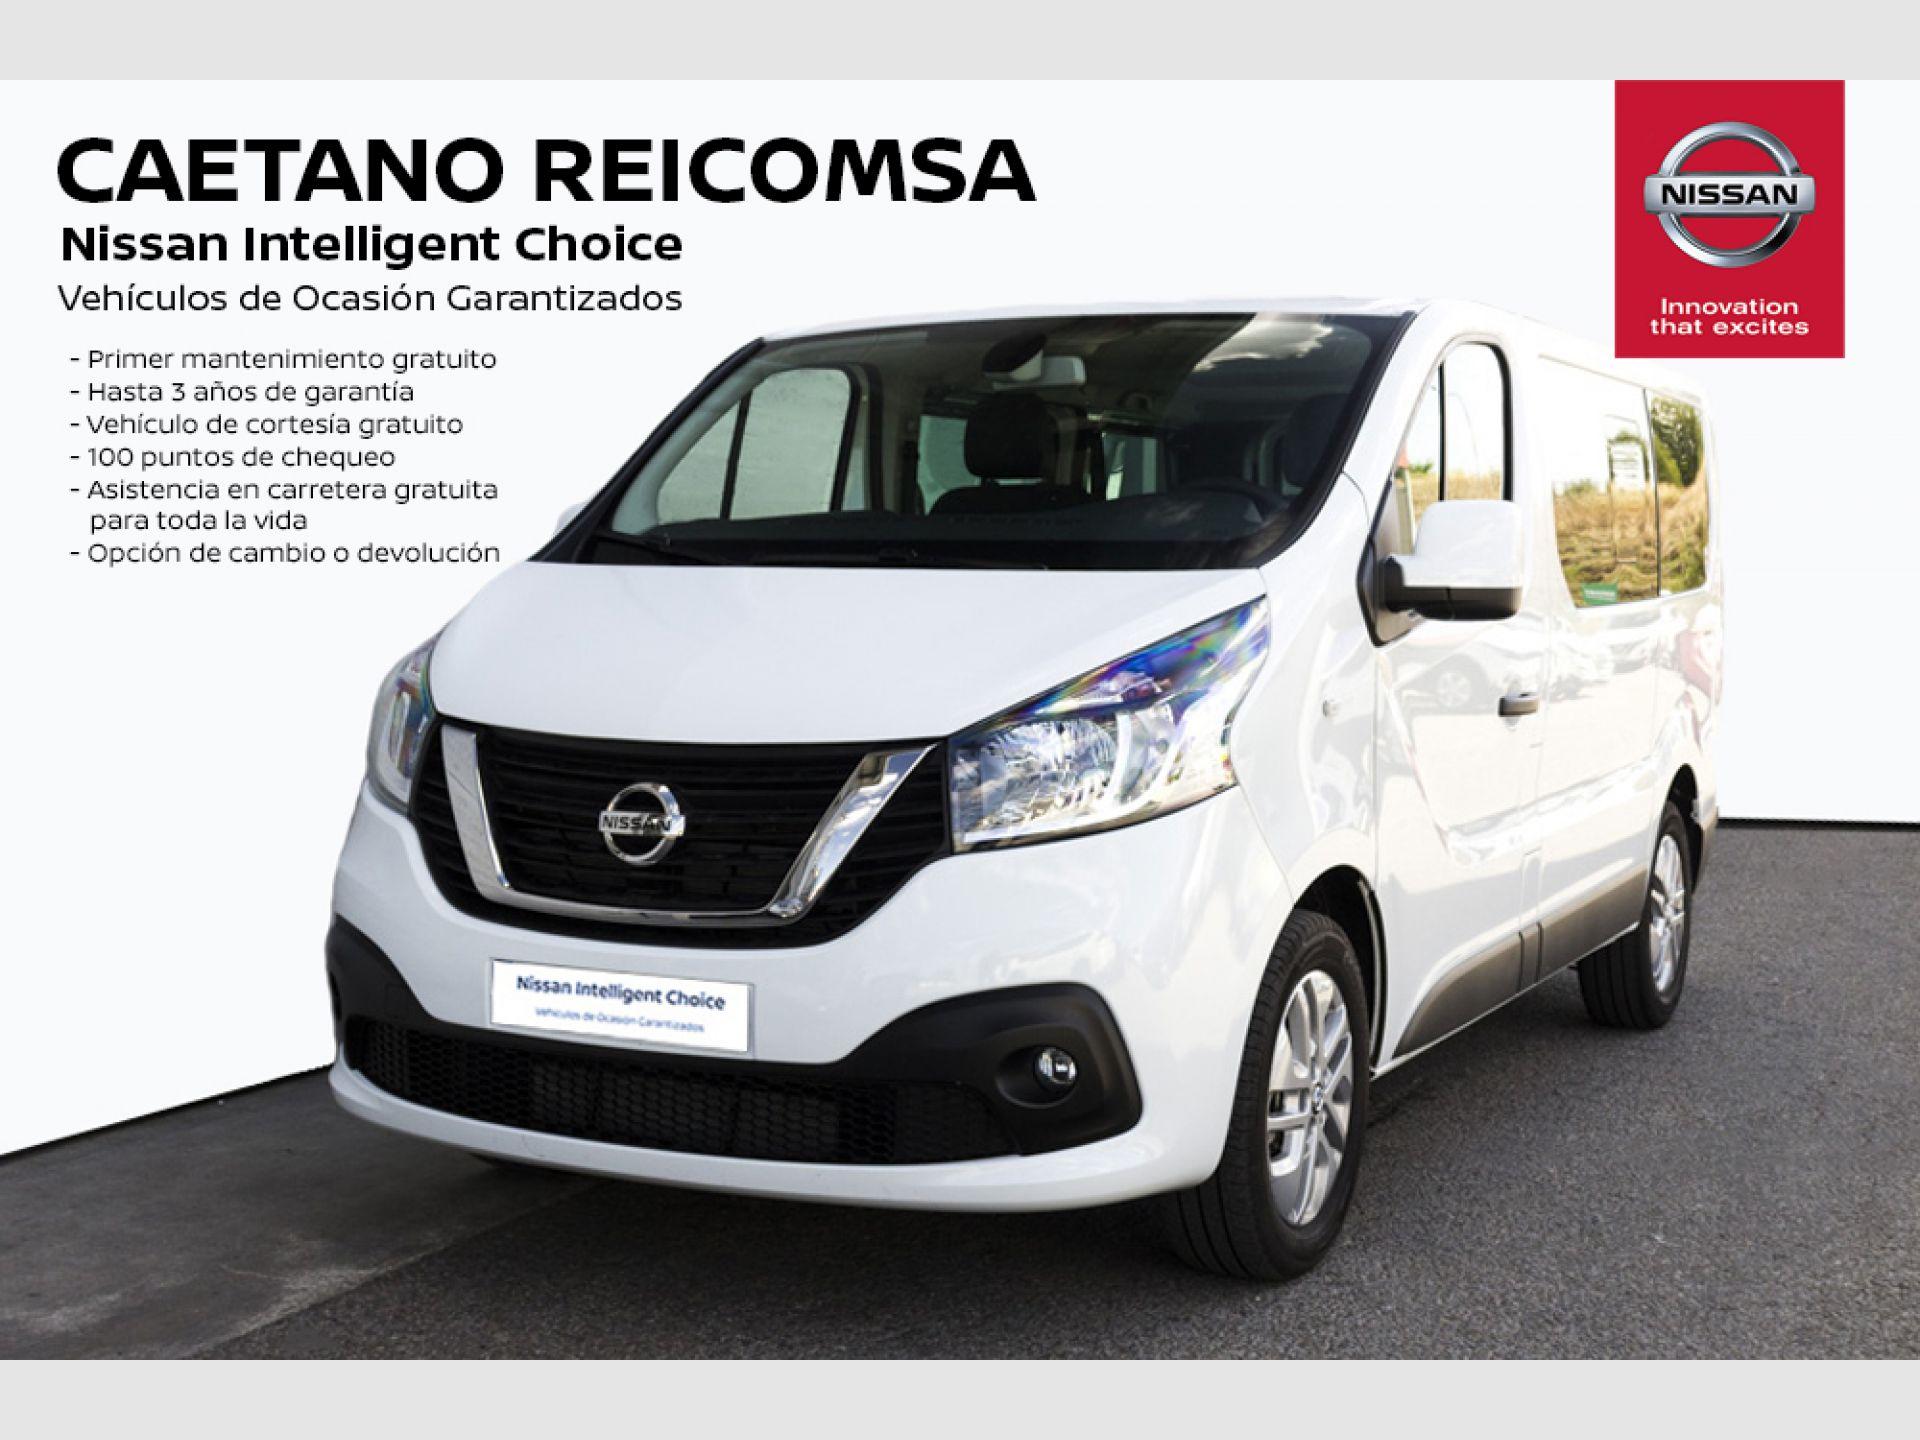 Nissan NV300 Combi 8 2.0 dCi 107kW L1H1 1T Premium segunda mano Madrid